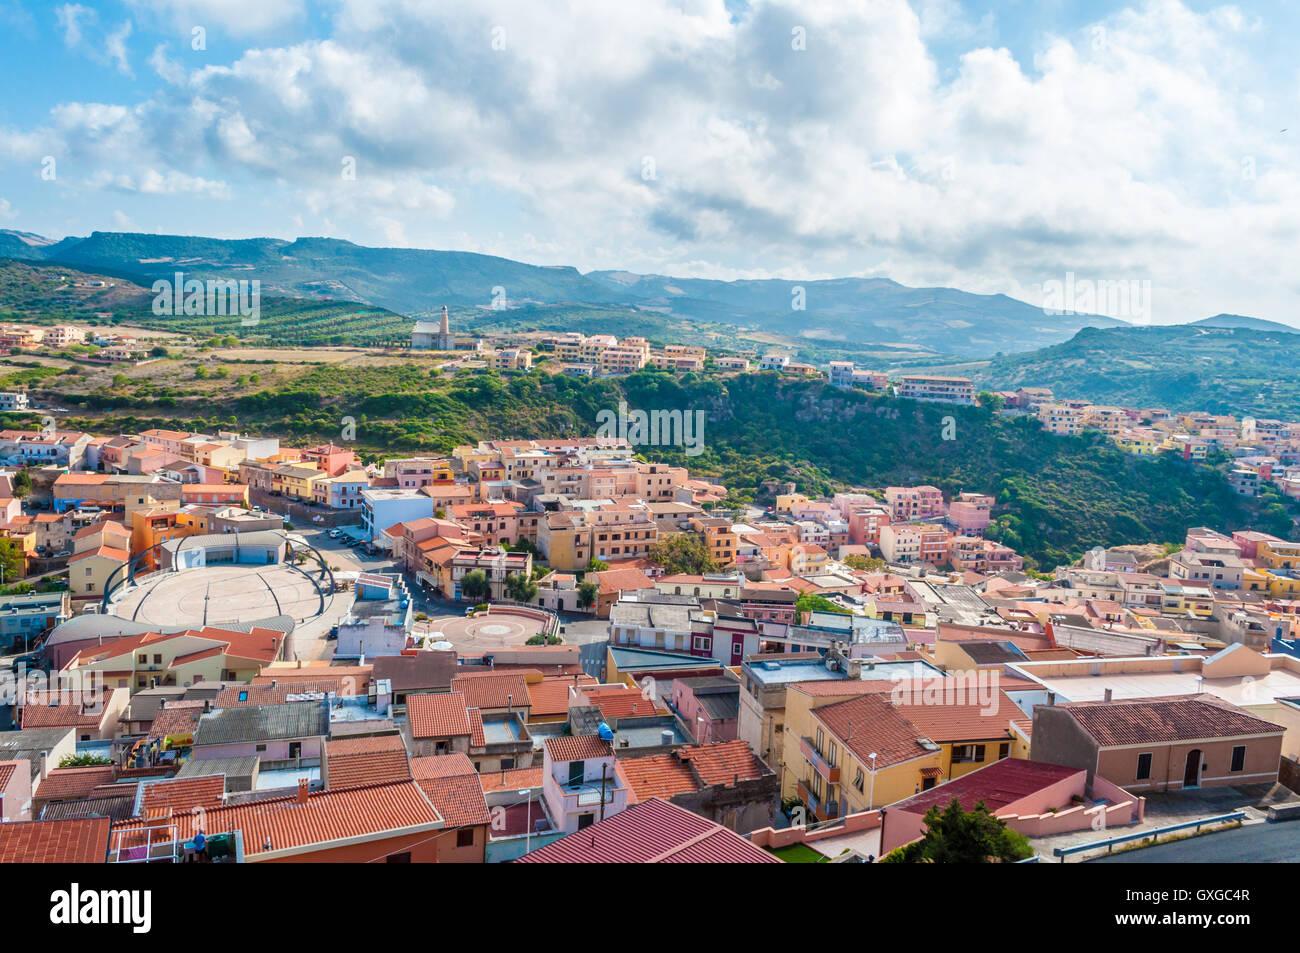 Vista da castelsardo città vecchia - Sardegna - Italia Immagini Stock